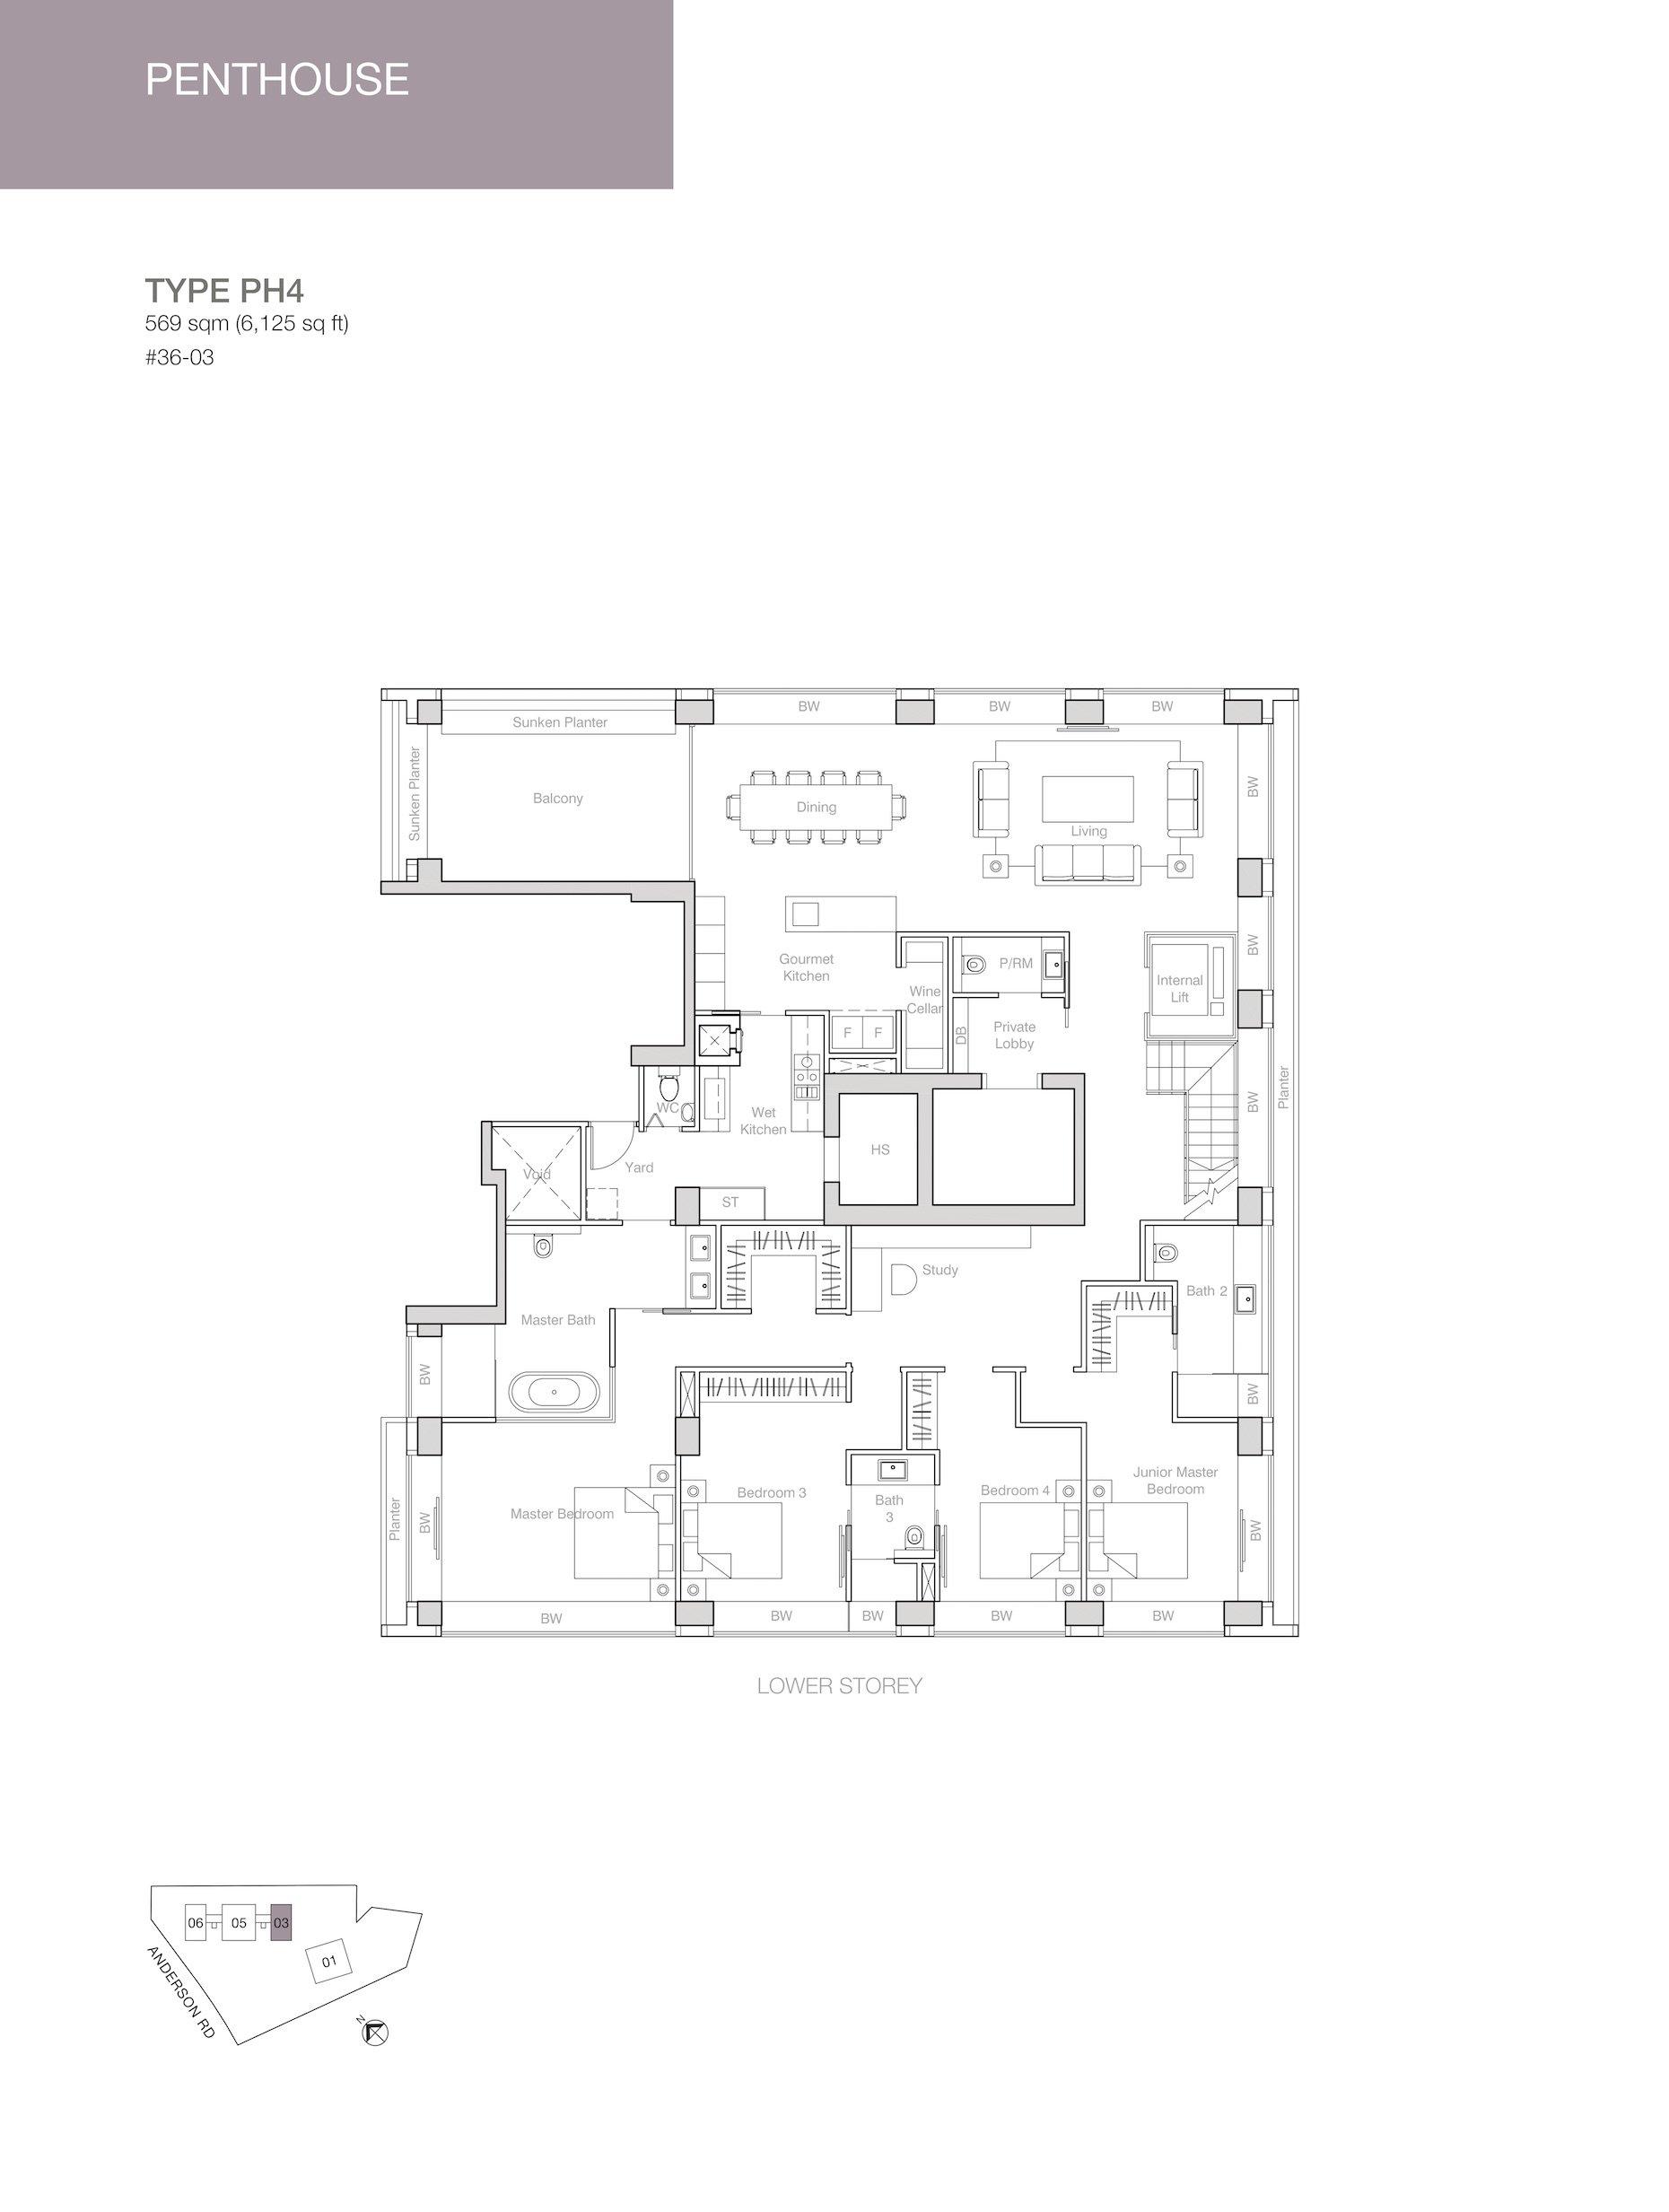 Nouvel 18 明筑公寓 floor plans PH4 36-03